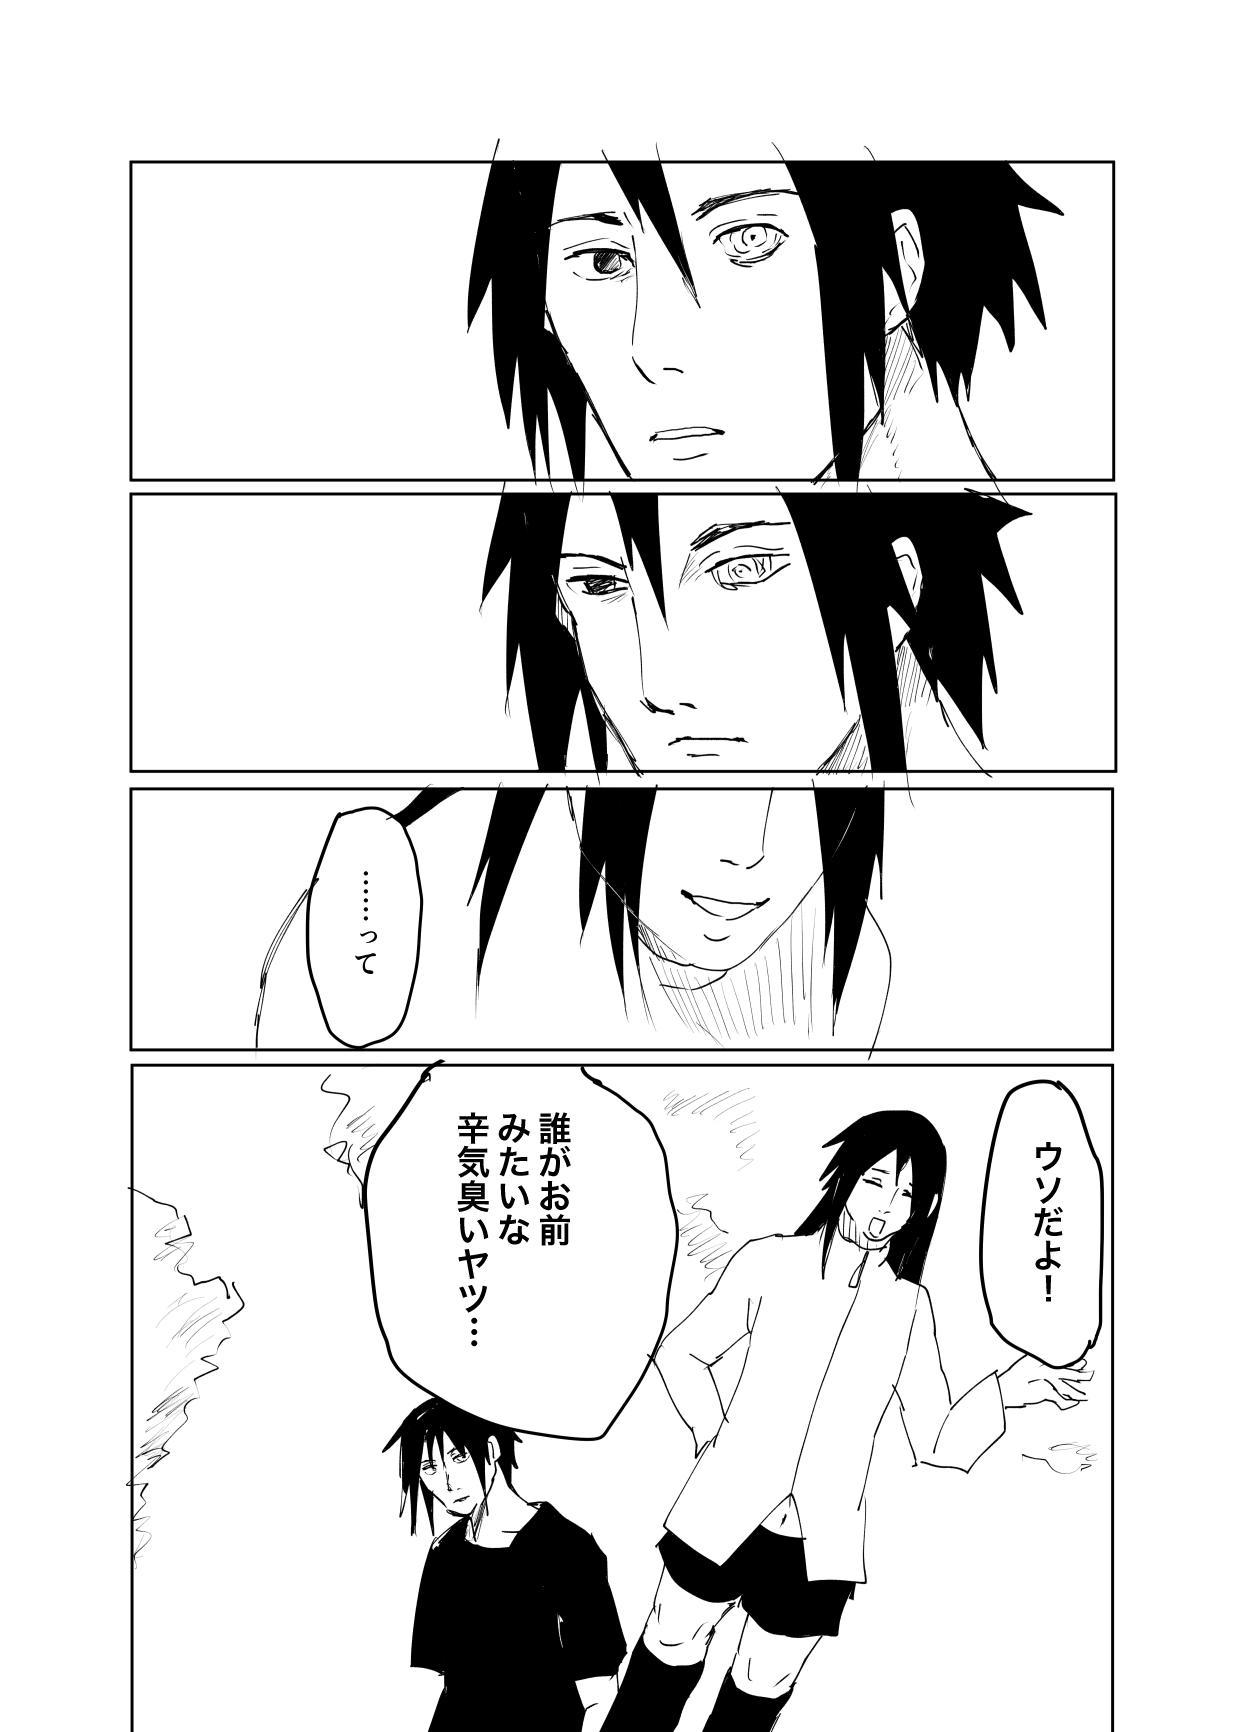 嘘告白漫画 36